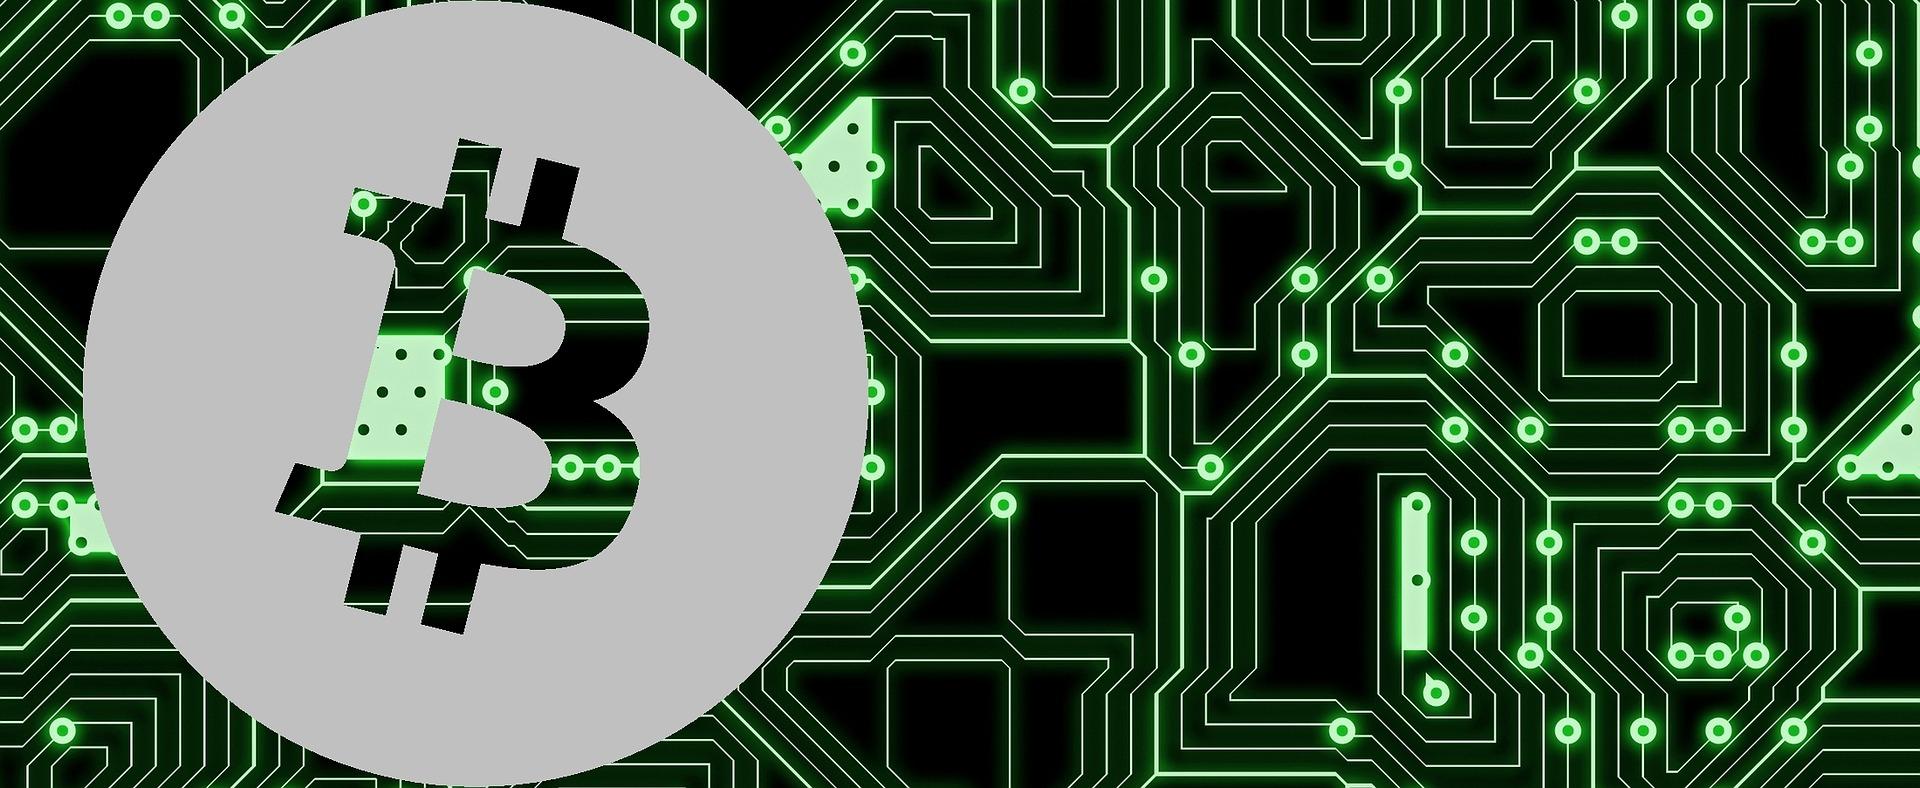 Майнинг криптовалюты новый взгляд на заработок в сети